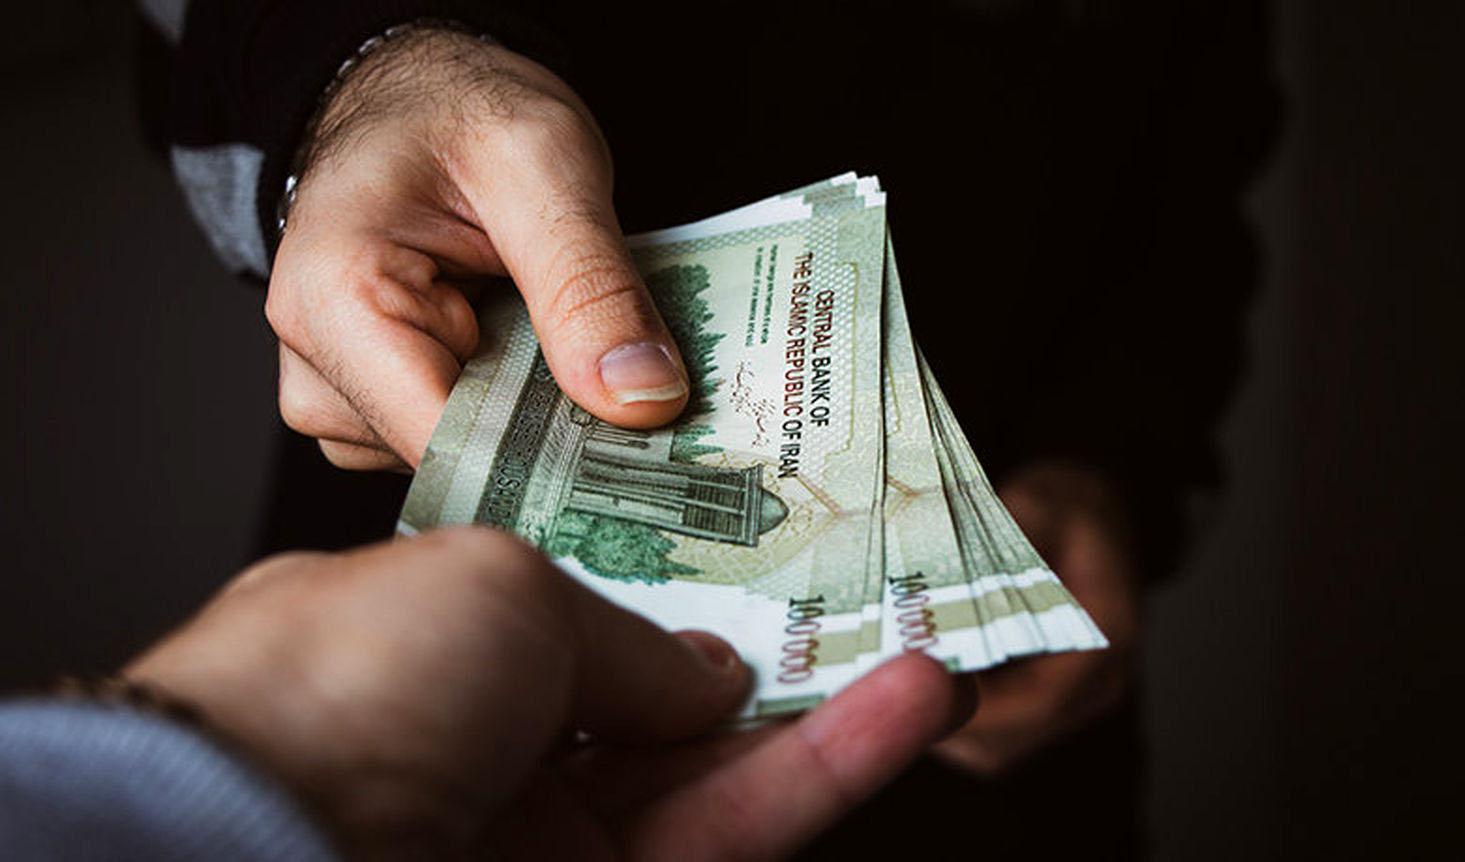 دستمزد کارگران با افزایش حق مسکن جبران میشود